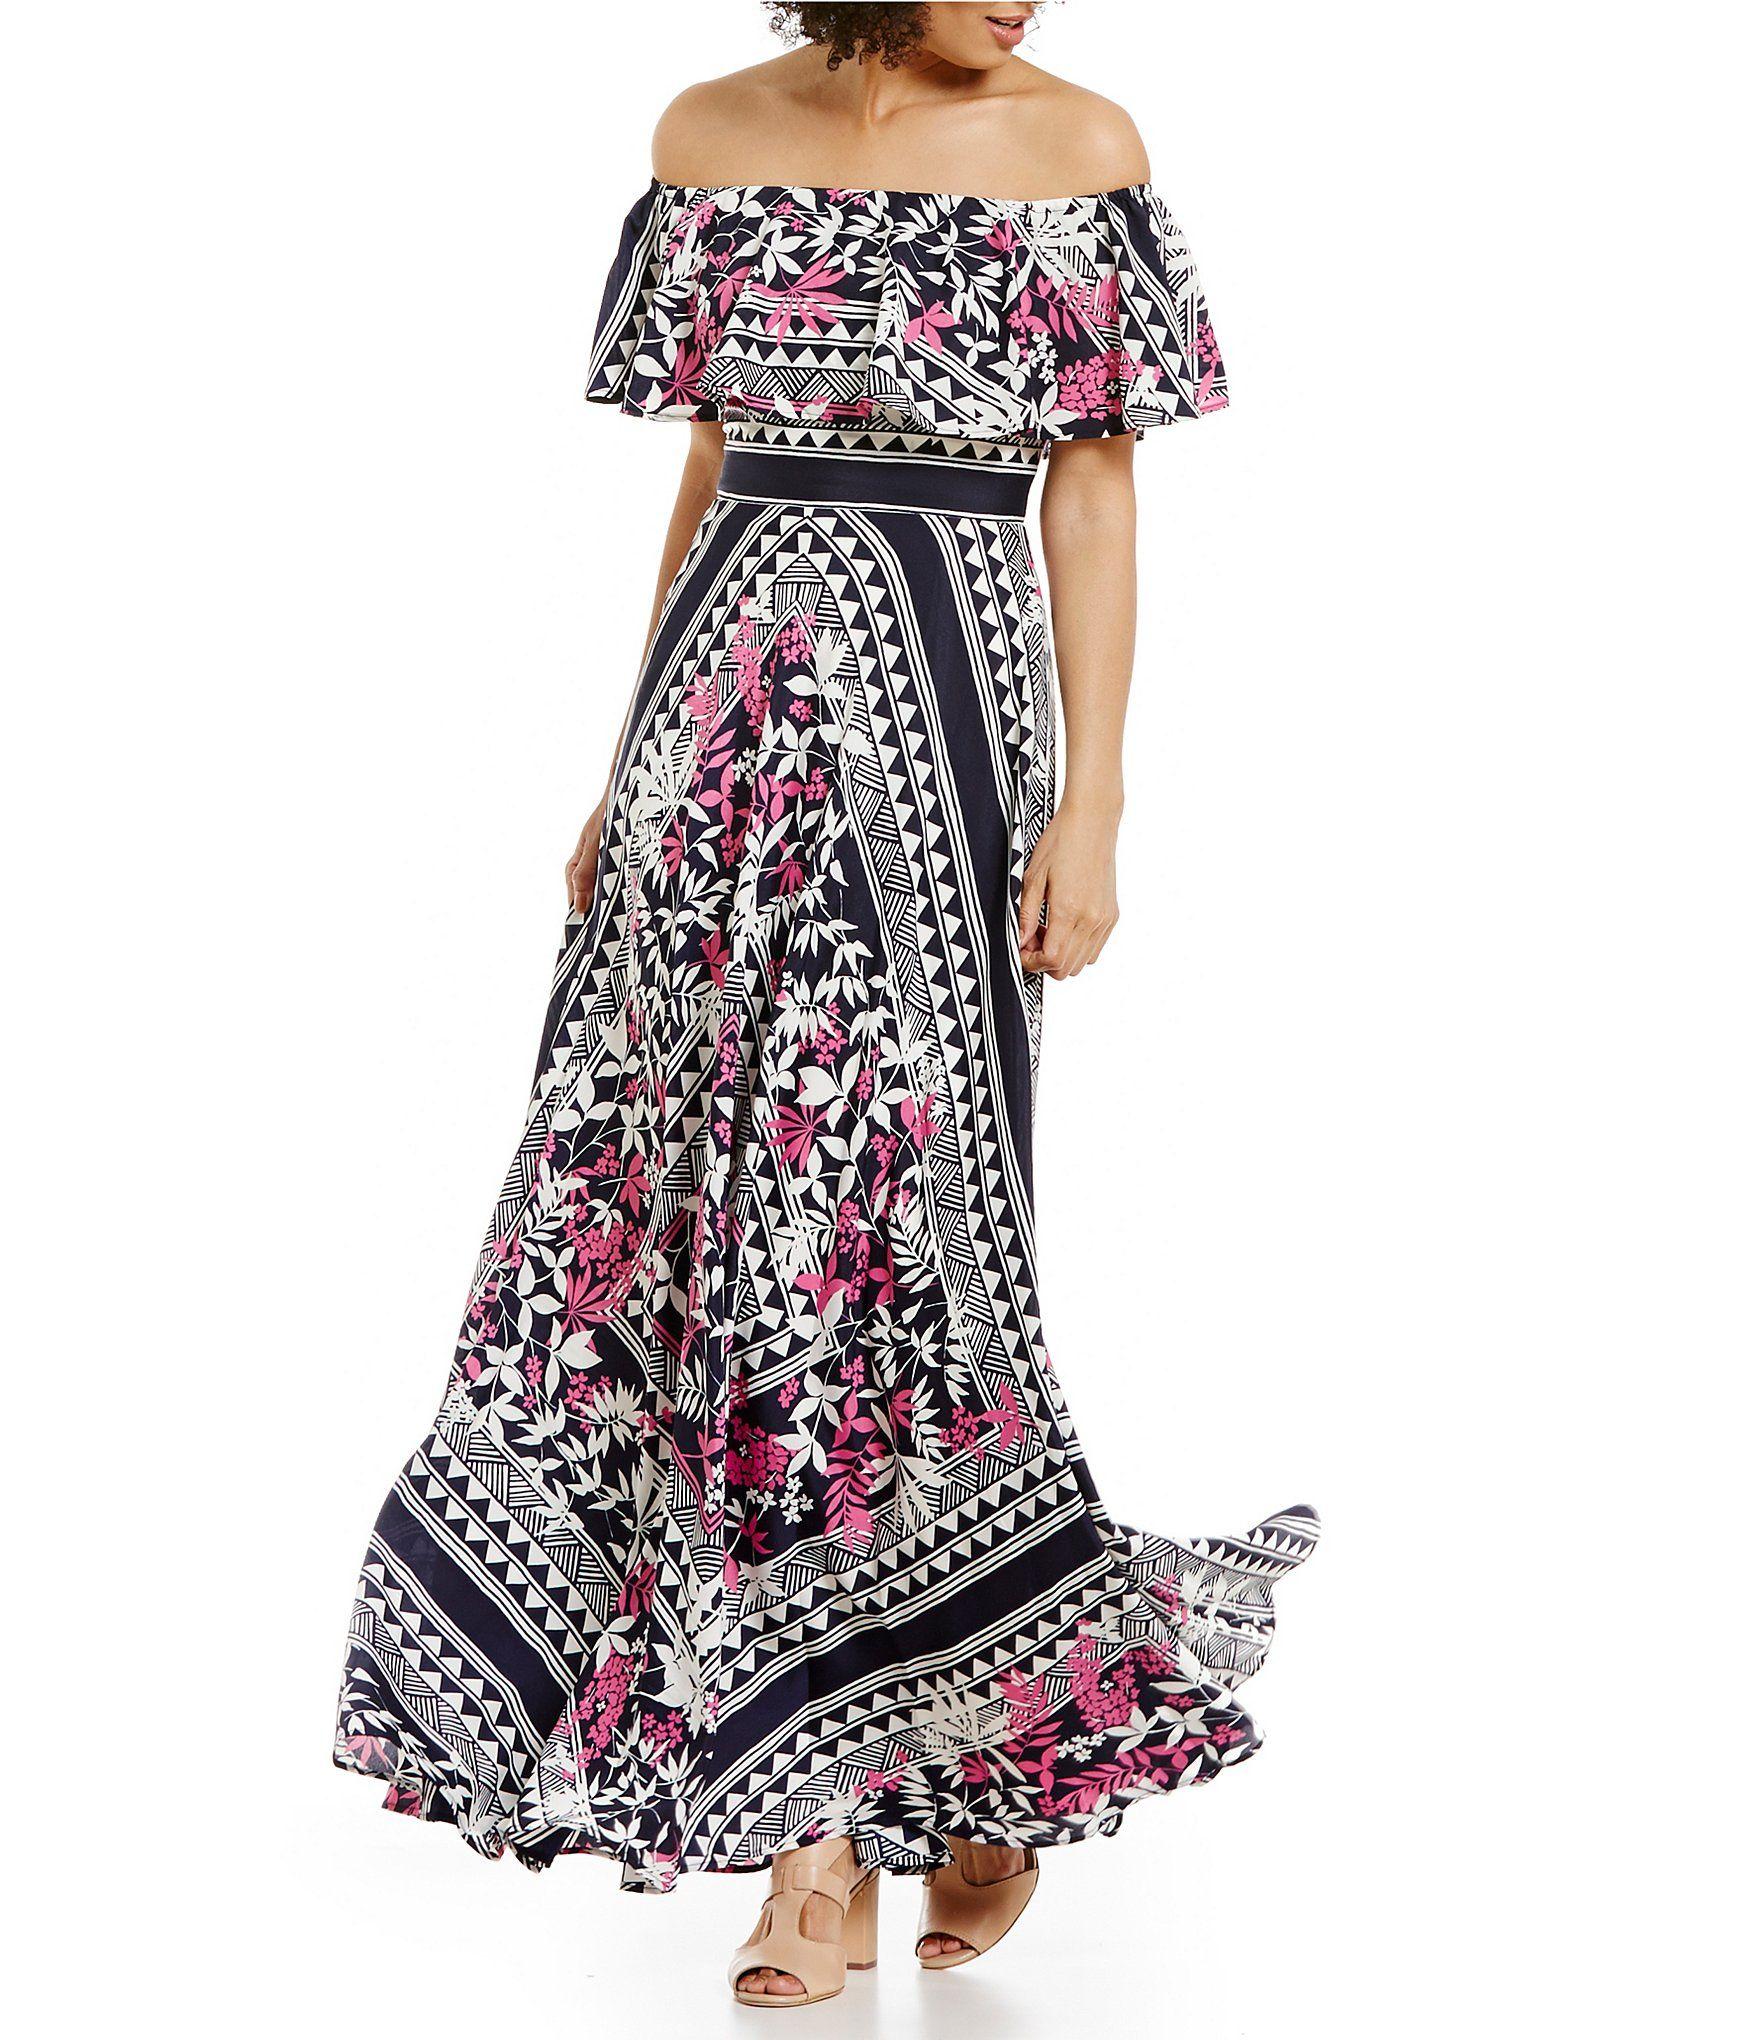 Shop for Eliza J Off The Shoulder Scarf Printed Maxi Dress